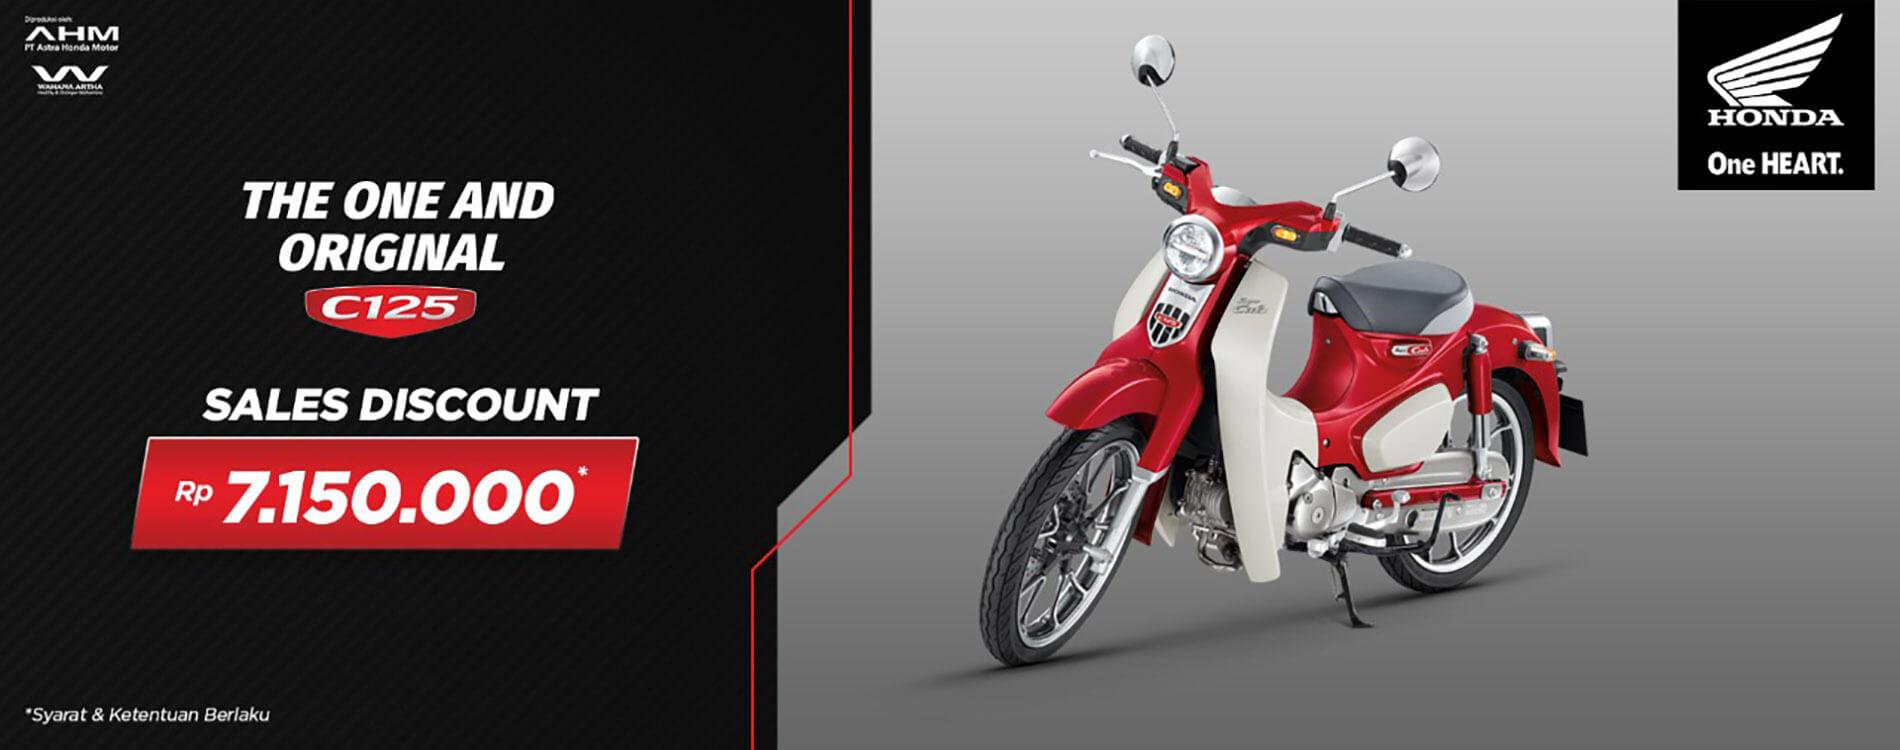 Promo Honda SuperCUB 125 Periode September2021